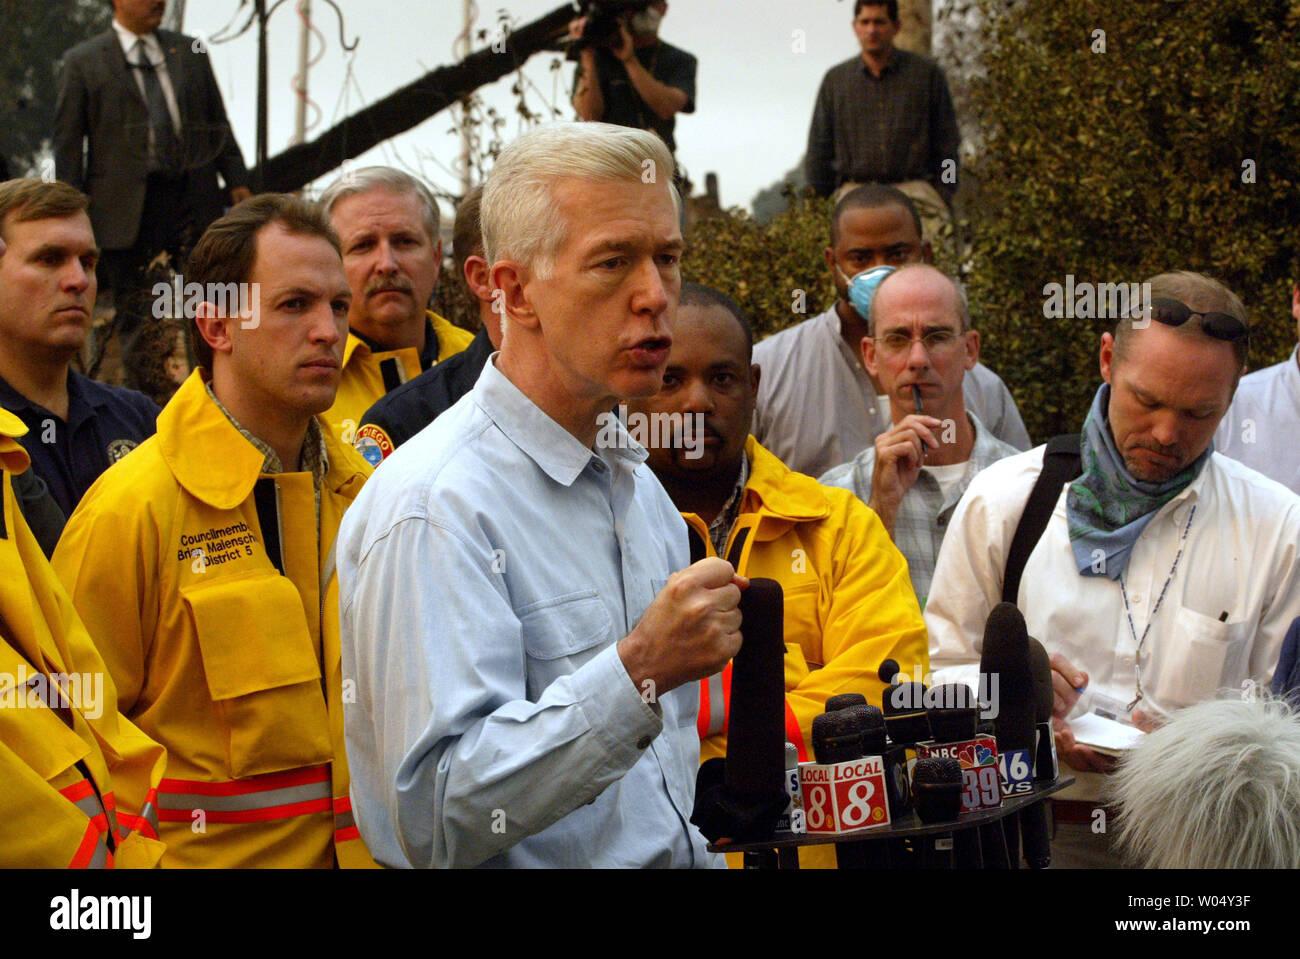 Il governatore della California Gray Davis (centro) sottolinea il vigoroso sforzo che sta compiendo per ricevere assistenza federale. Gov Davis ha girato la San Diego fire danneggiare in Scripps Ranch quartiere il 27 ottobre 2003, dove circa 160 case sono state perse. La diffusione di incendi da Ramona a sud-ovest per entrare in San Diego i limiti della città con tutti gli incendi consumando 255.000 acri, bruciando 360 strutture, lasciando 13 incidenti mortali, con 800 vigili del fuoco su linee di fuoco per data. (UPI/Tom Theobald) Immagini Stock